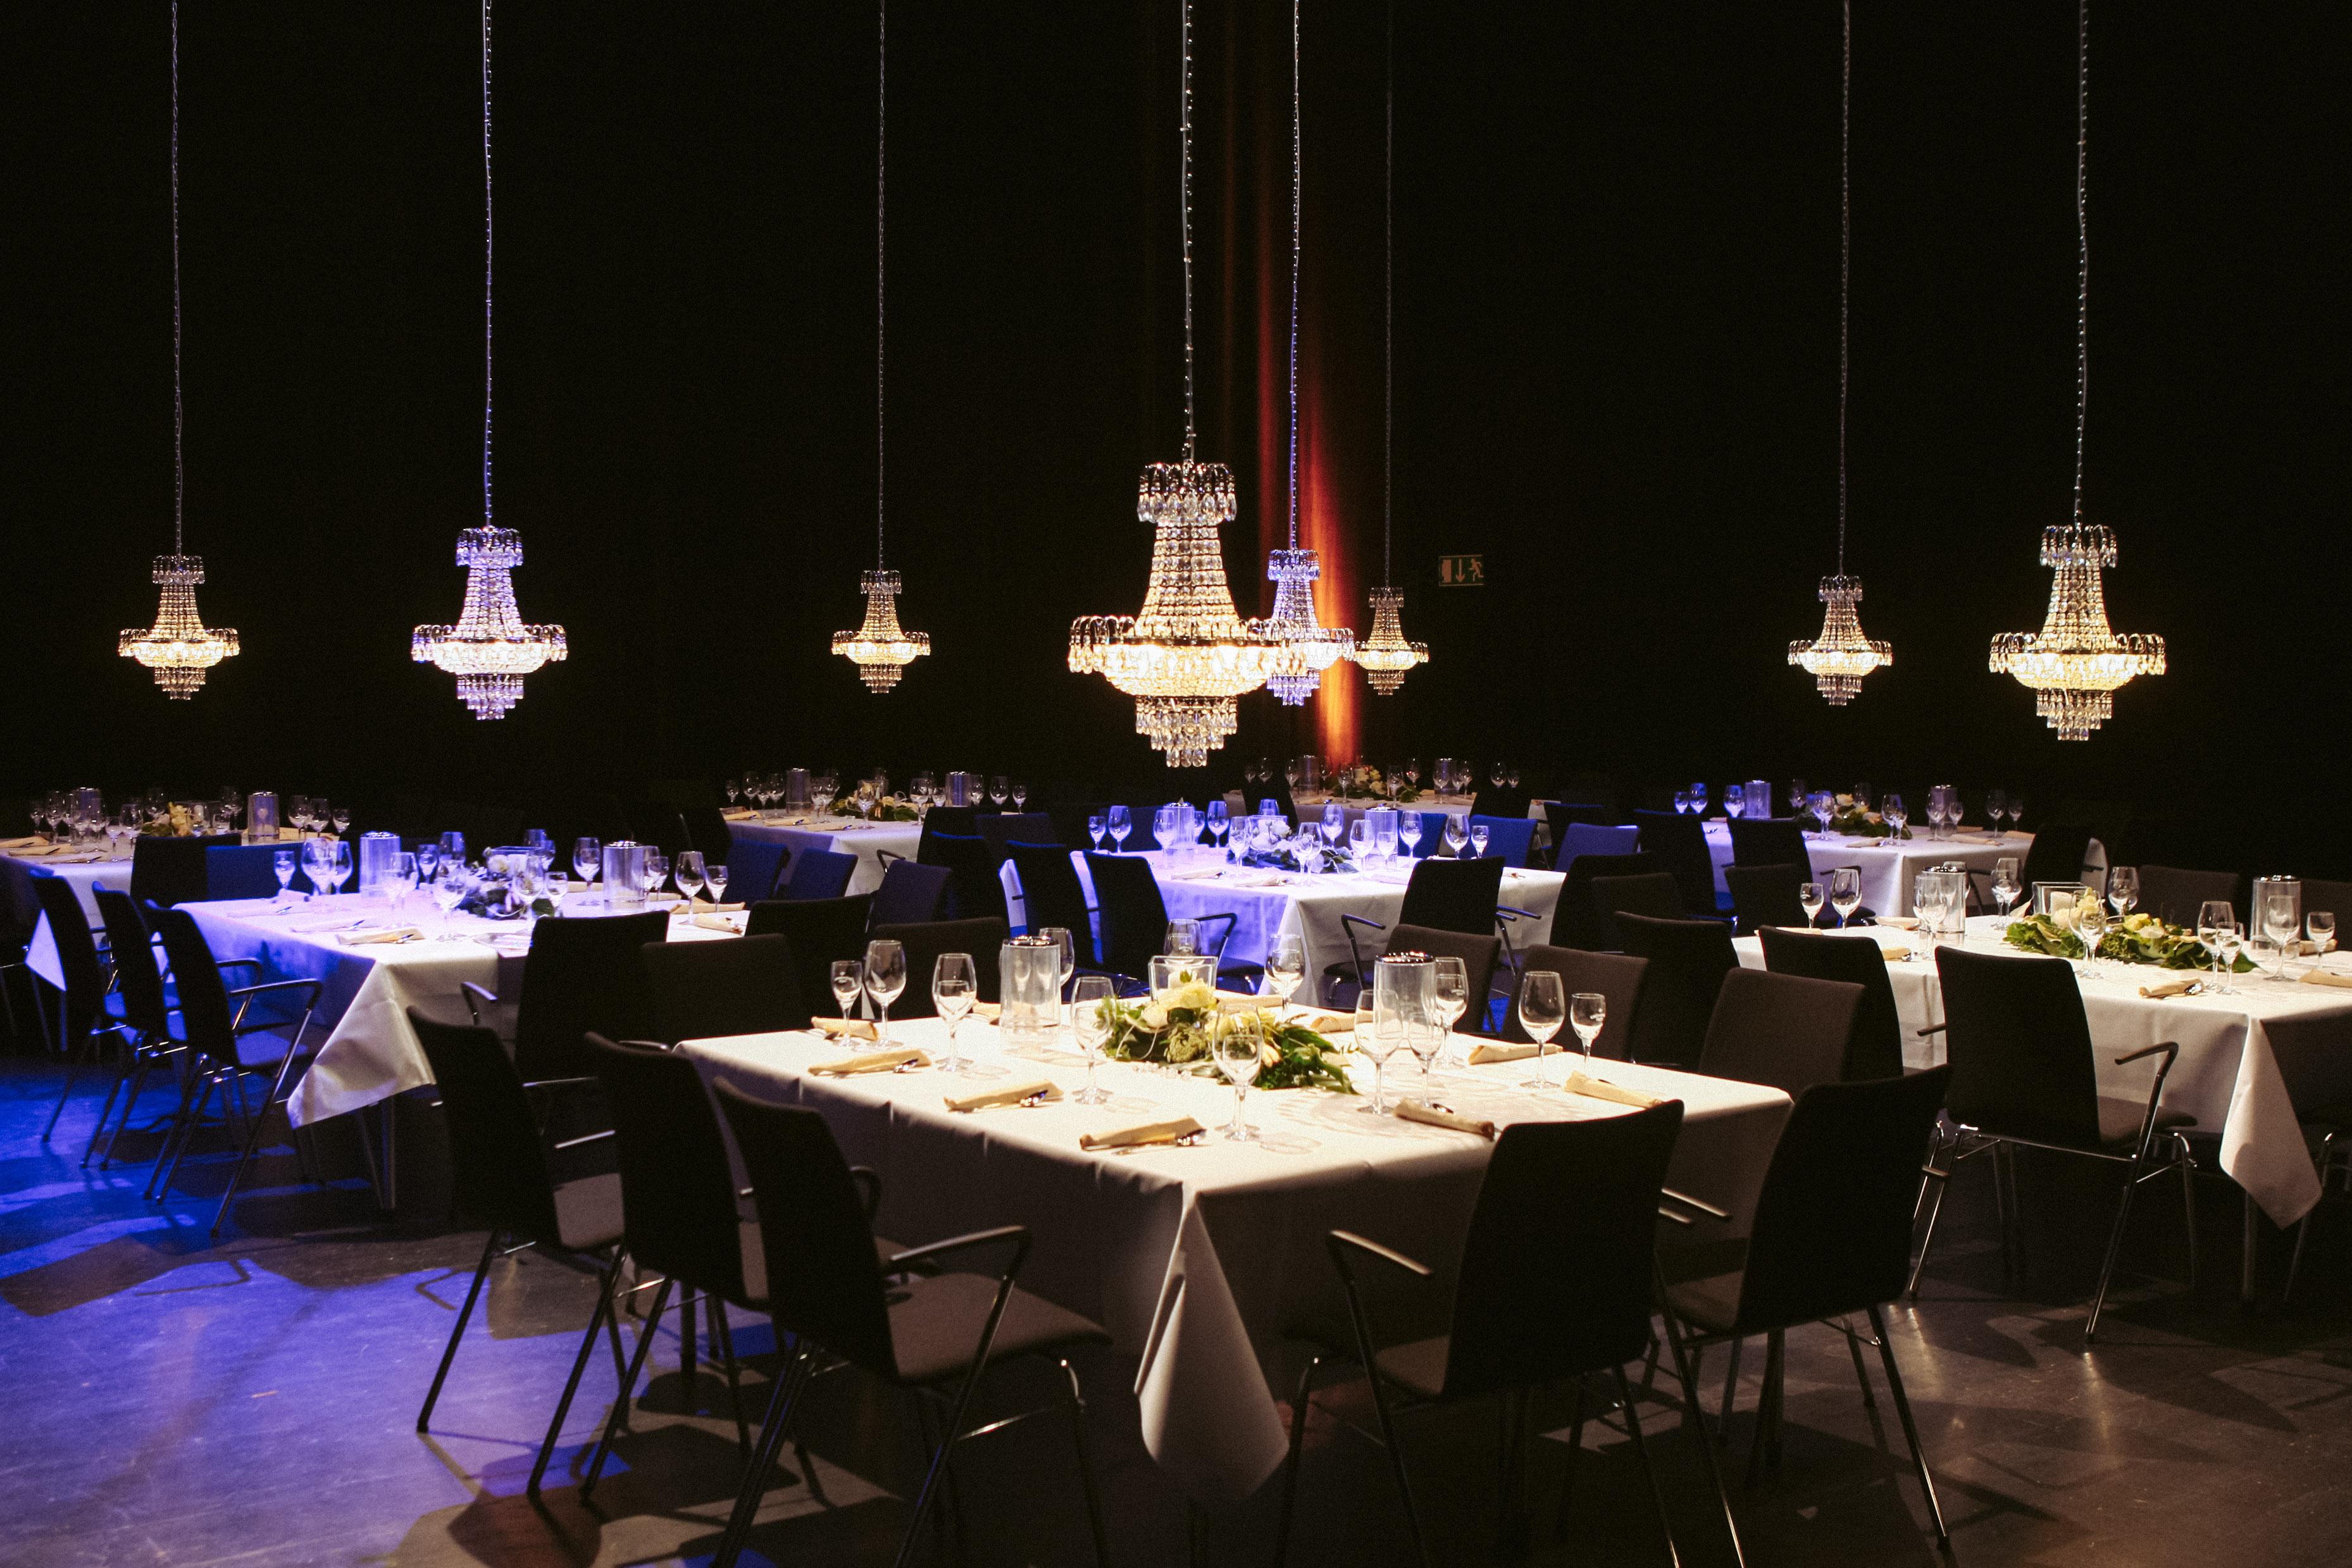 Stadthalle Gifhorn Feiern auf der Theaterbühne mit Roth Catering & Events